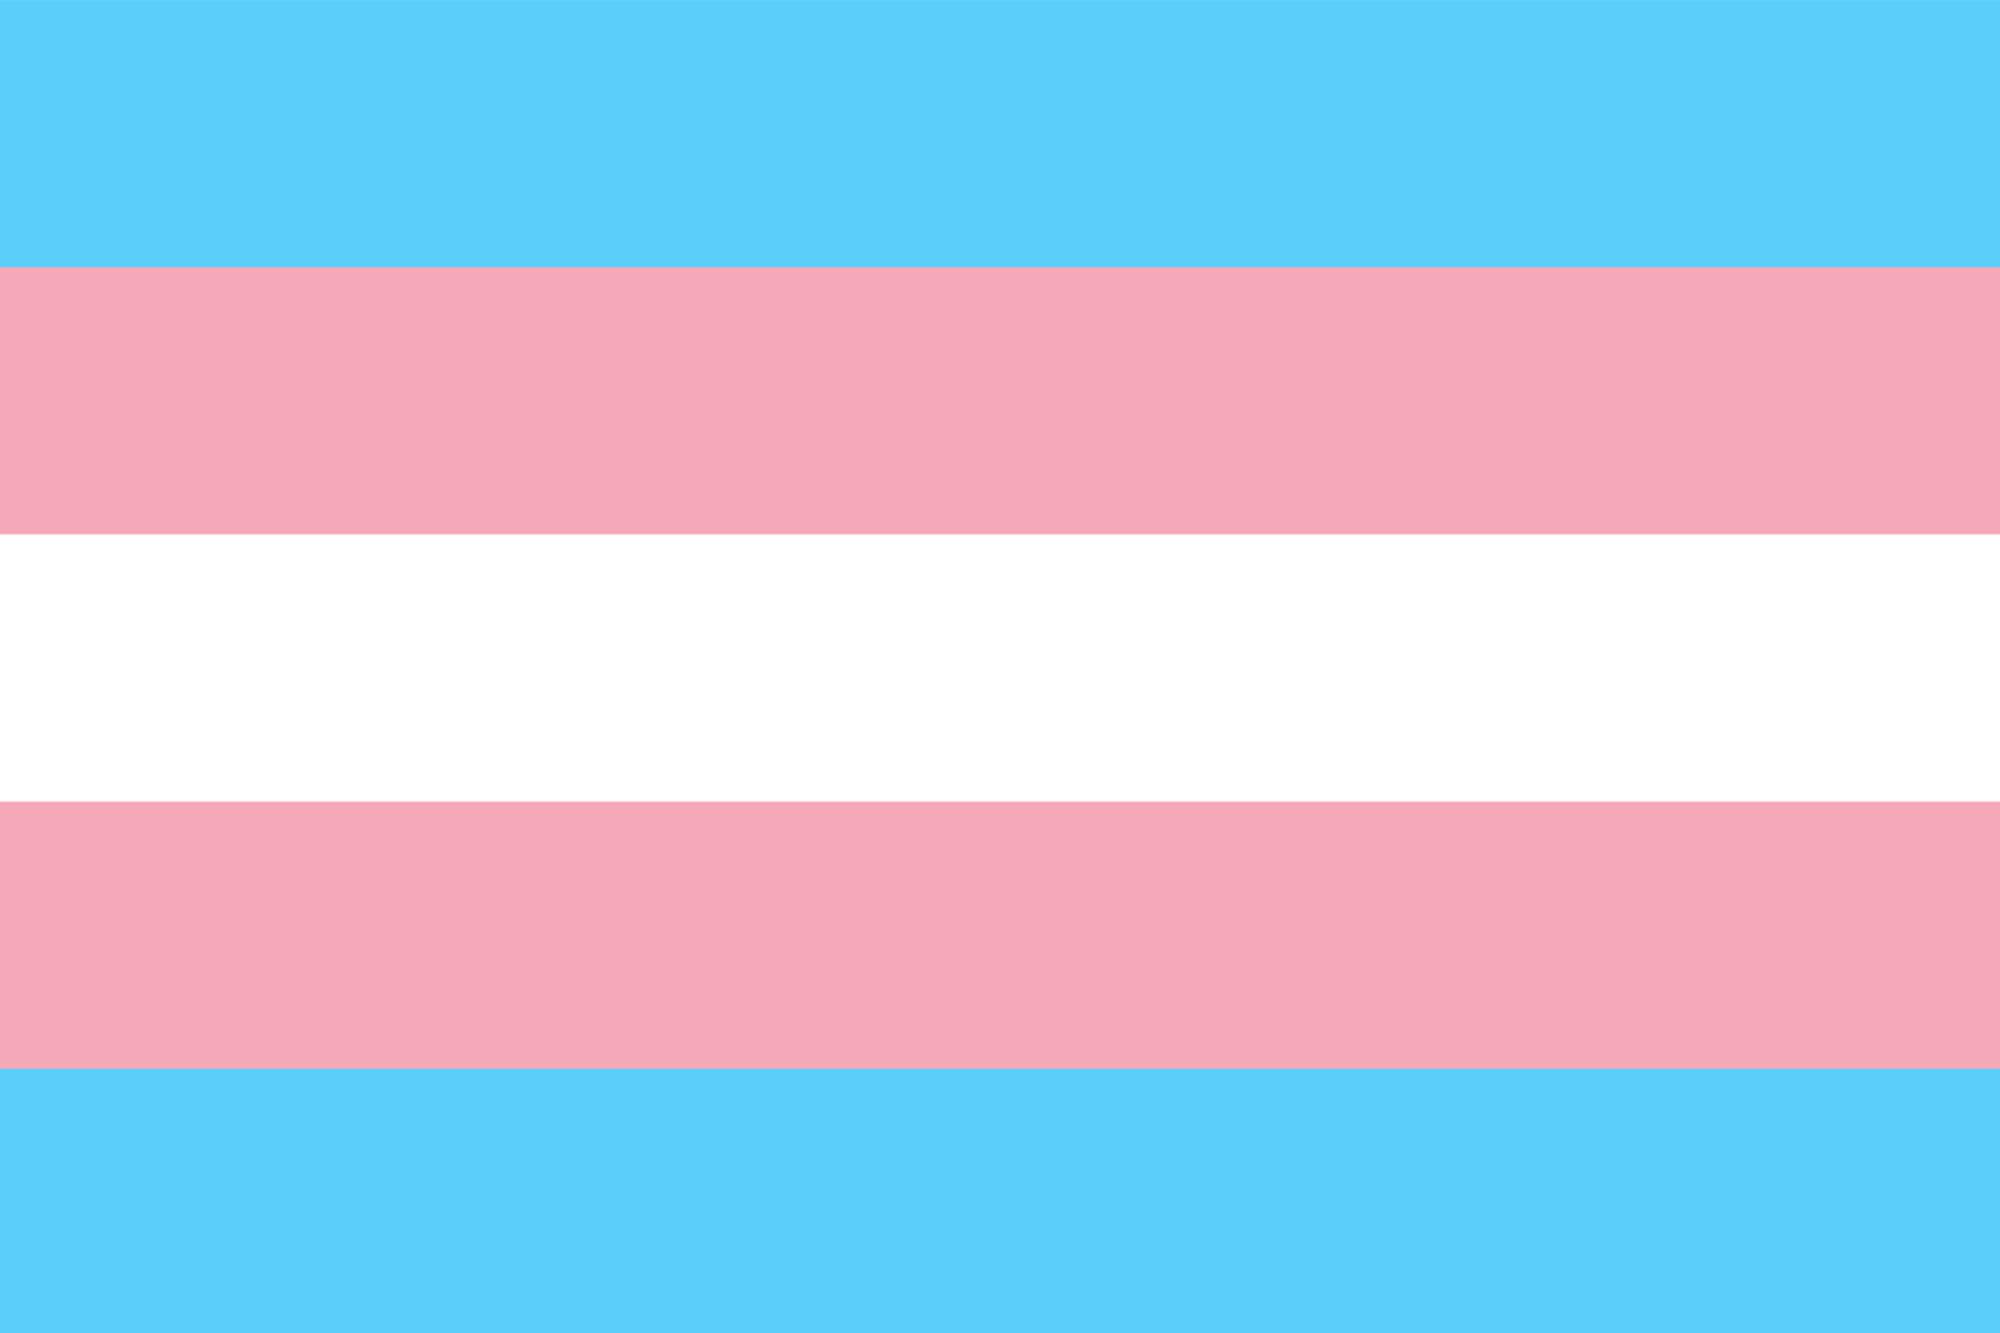 Transgender Pride Flag